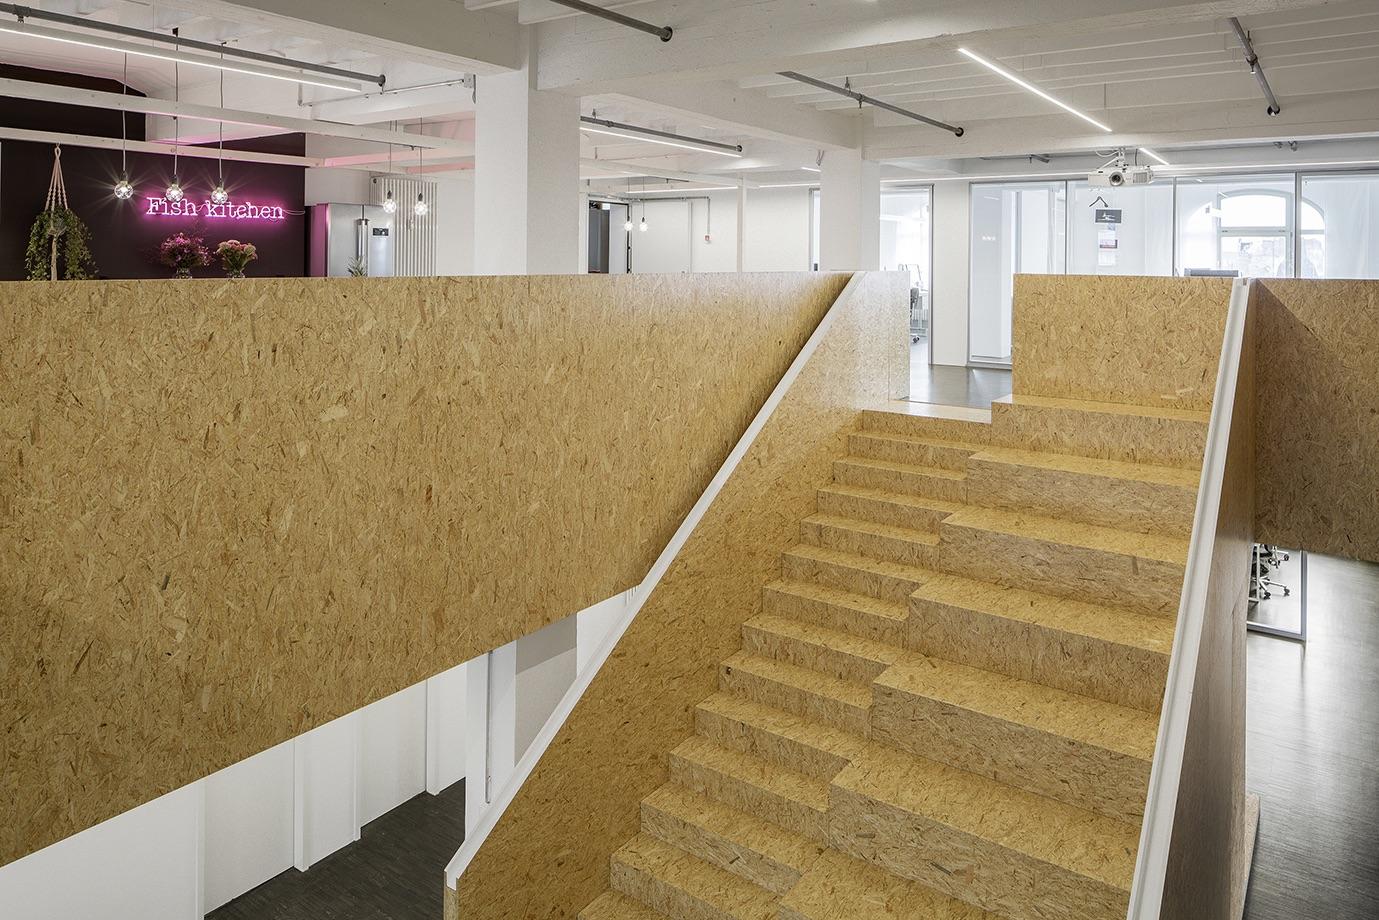 razorfish-berlin-office-5